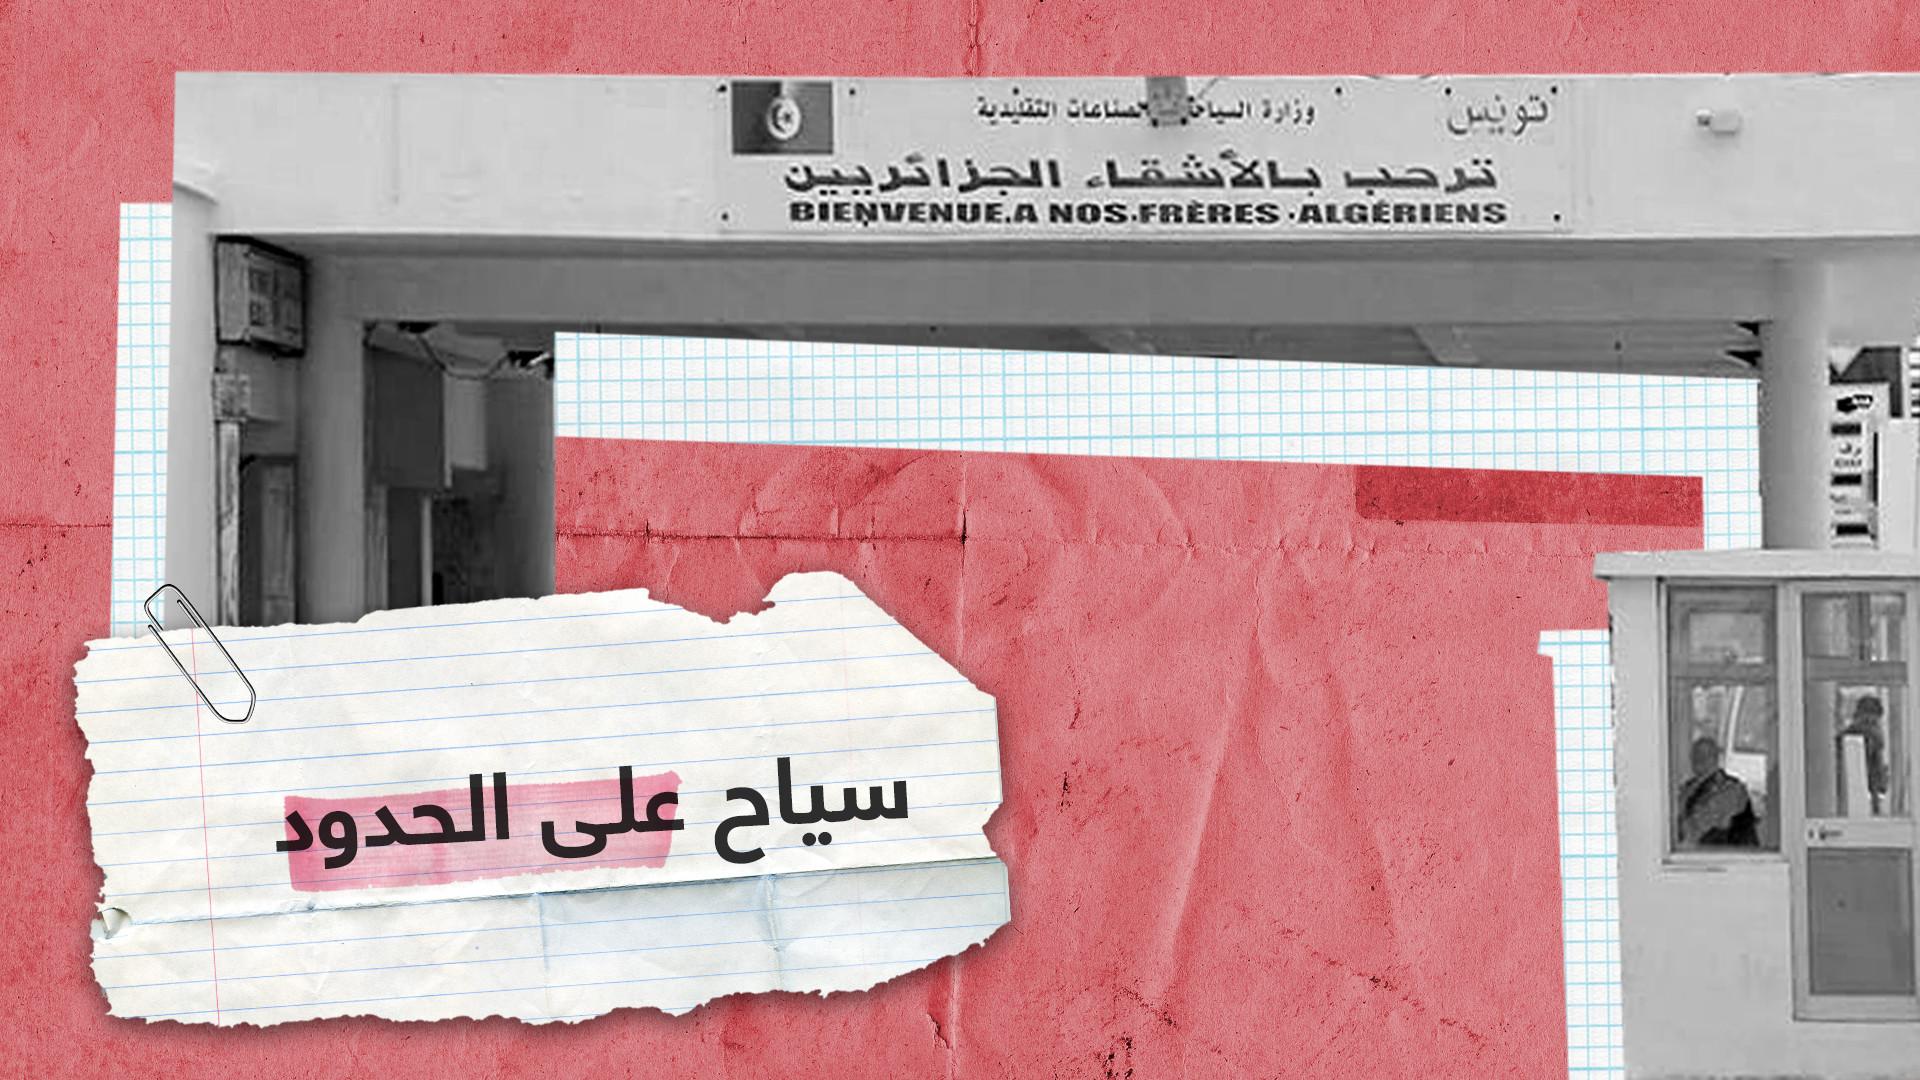 رئيس الحكومة التونسية يستقبل جزائريين على معبر حدودي